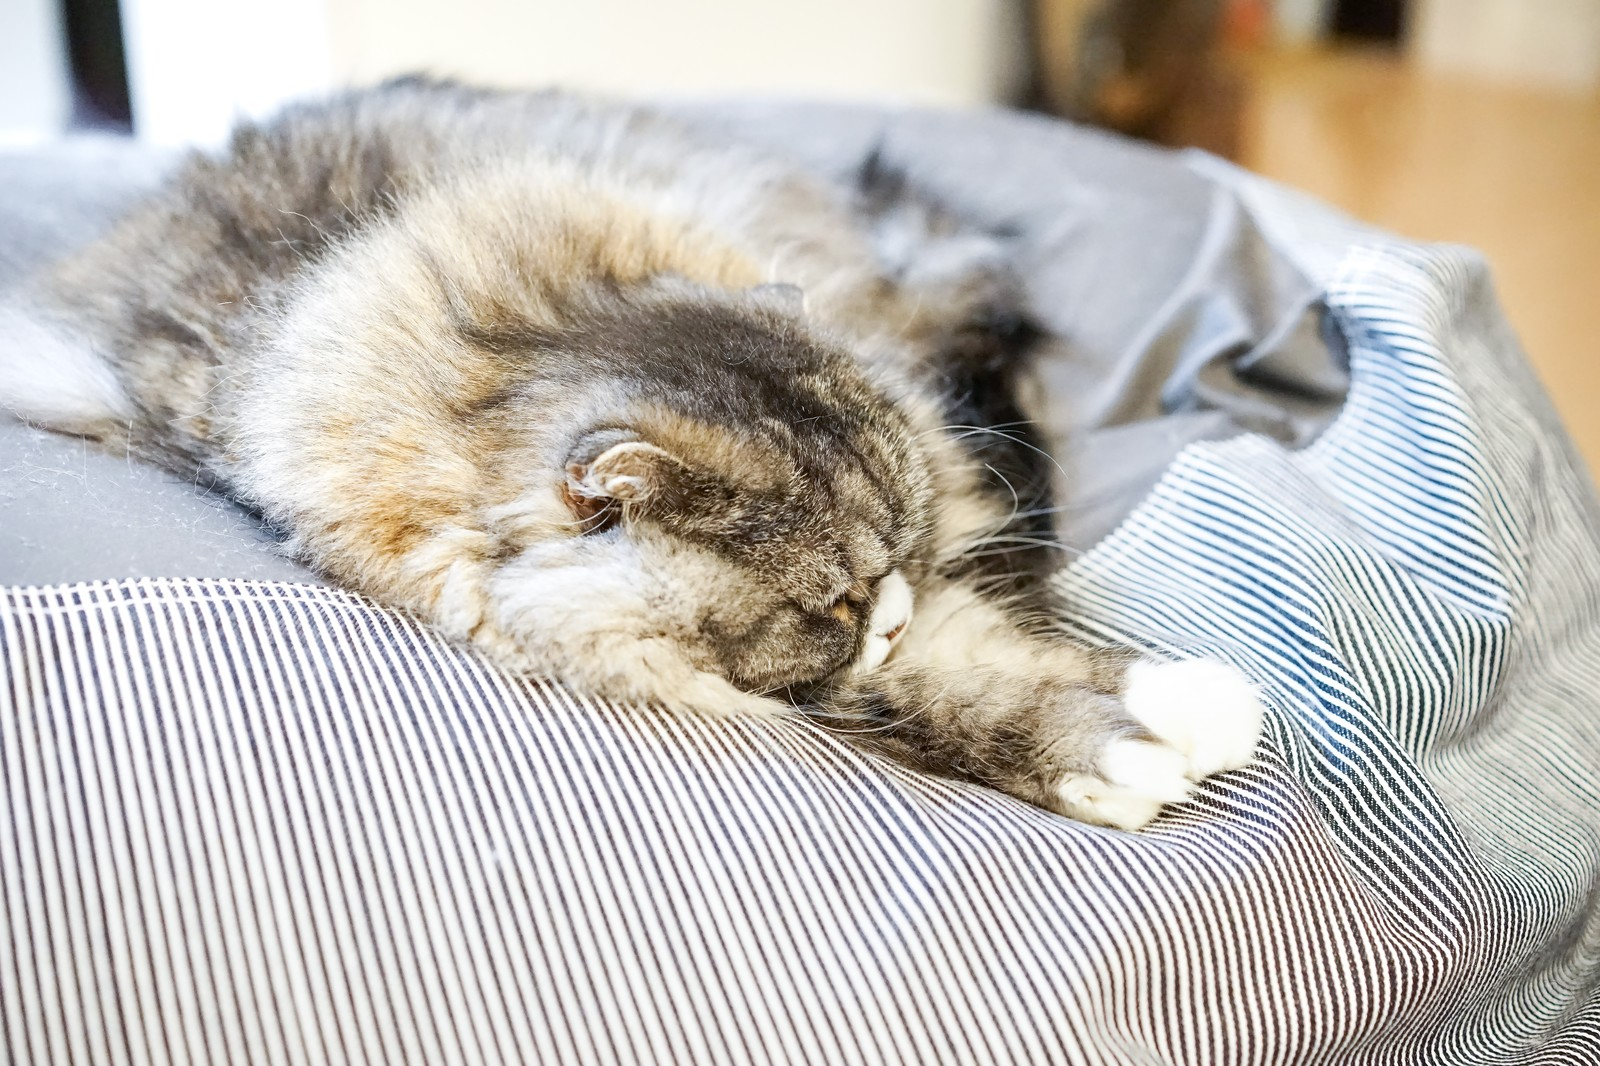 「昼間から図々しくソファーで寝転がるスコティッシュフォールド」の写真